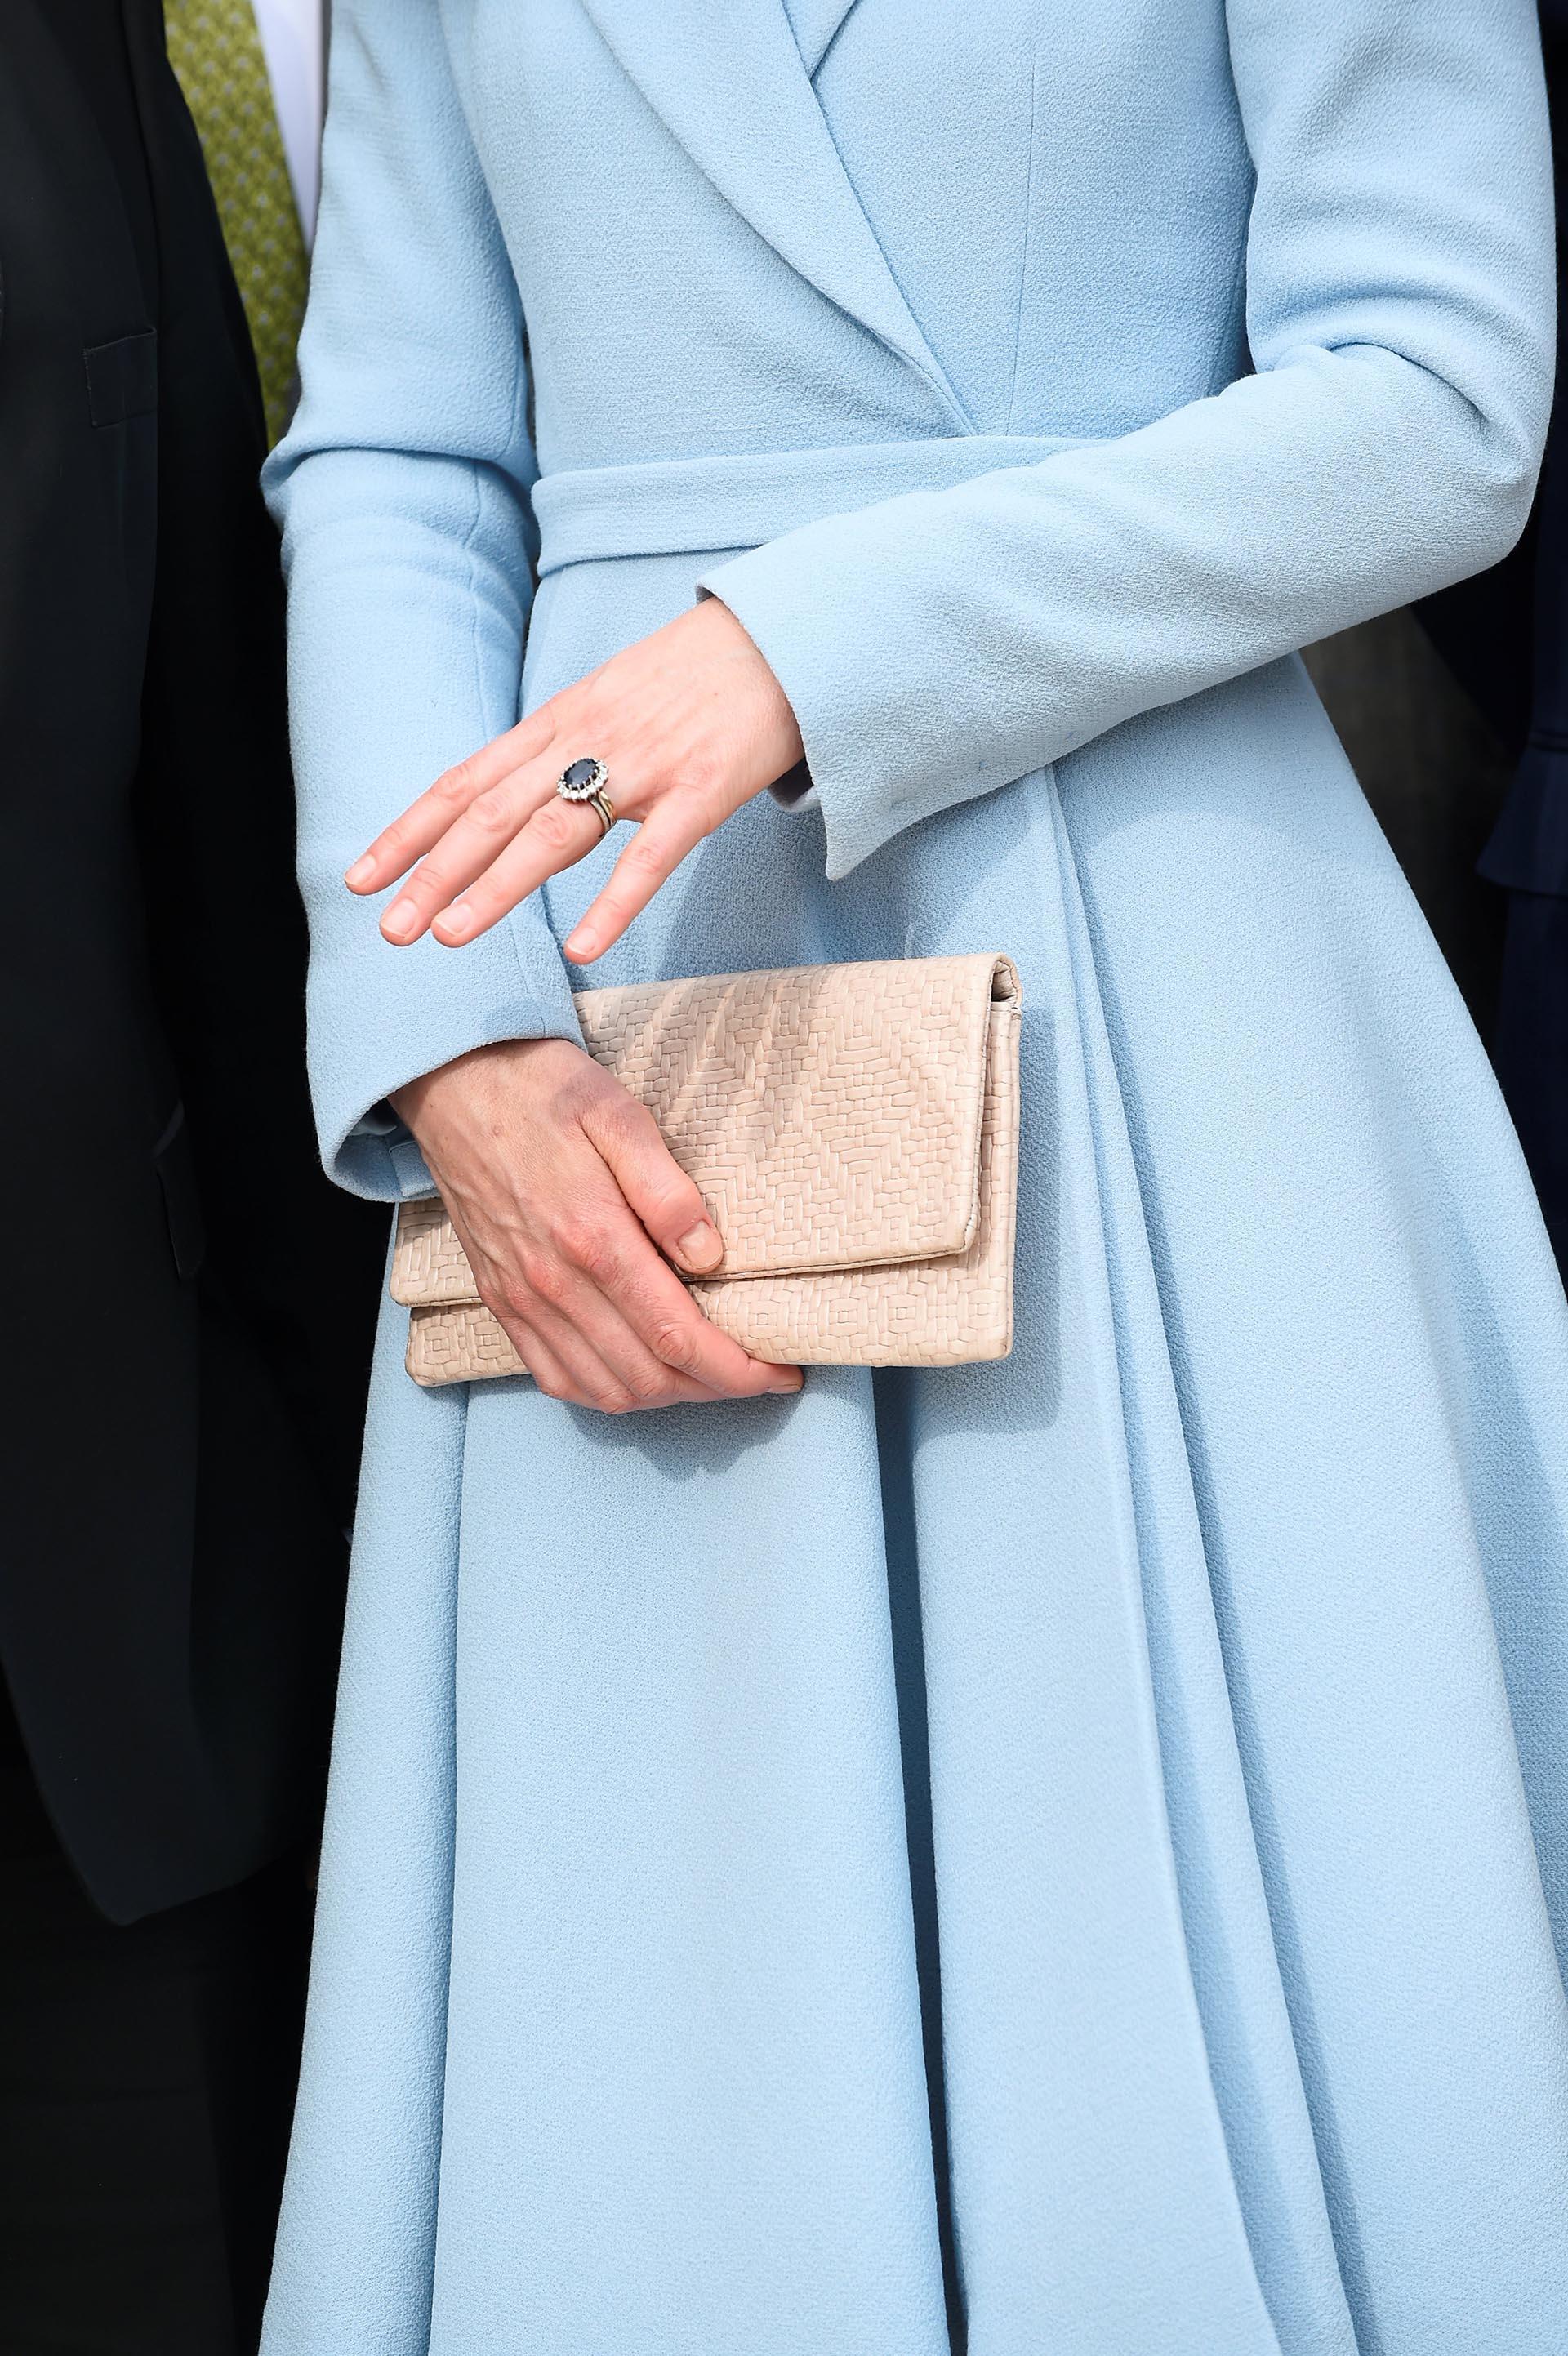 La reina lució su fabuloso anillo de compromiso y mostró una manicura prolija pero sin esmaltar